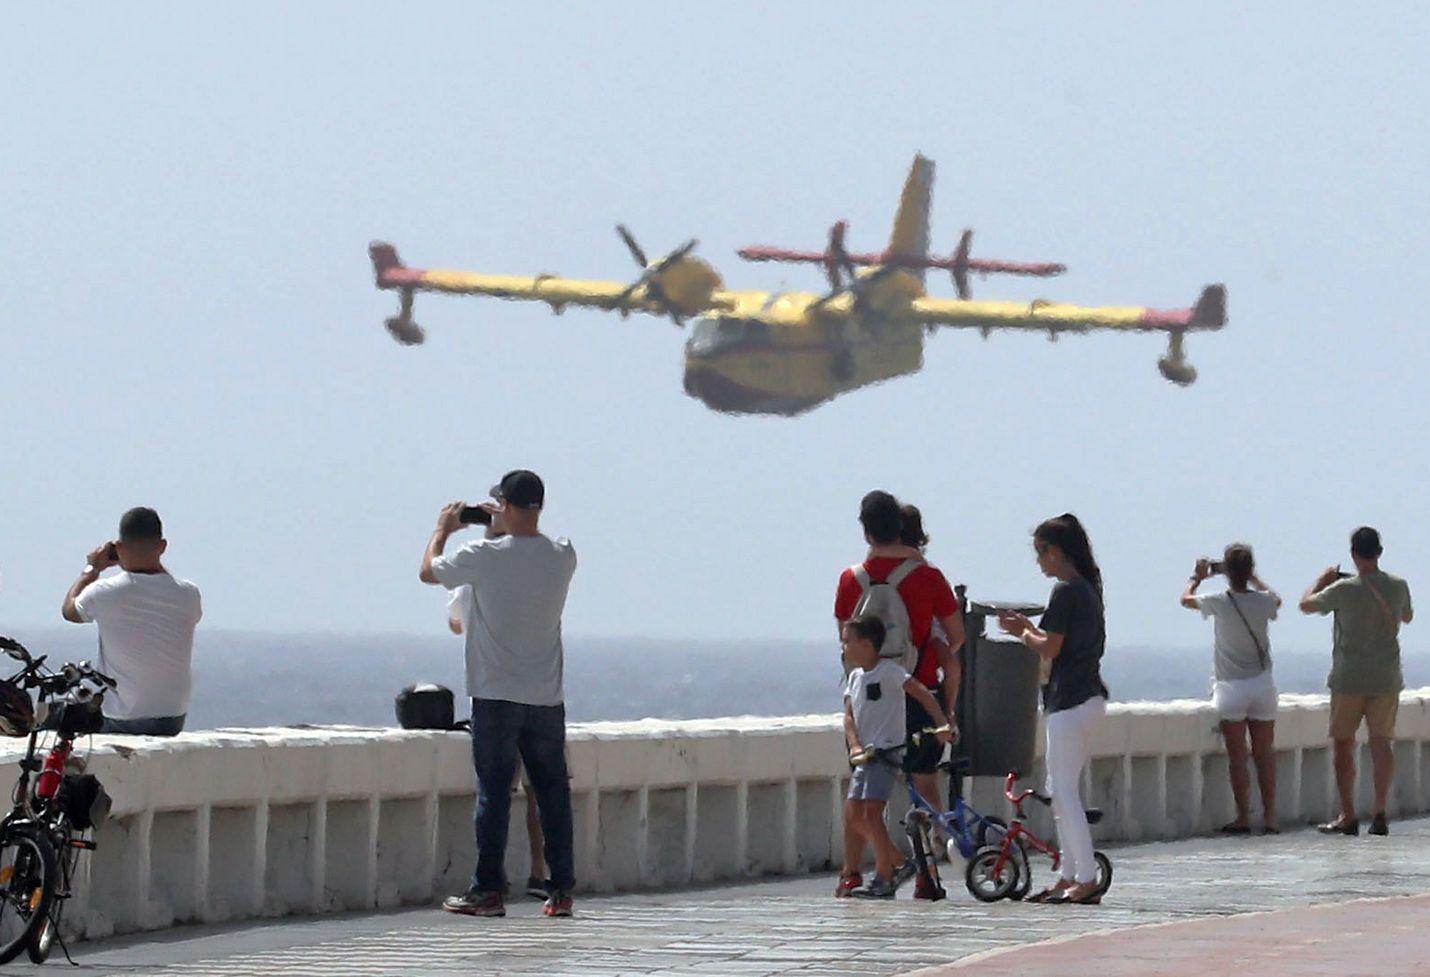 Turistit katselivat Las Palmasin rantapromenadilla kun sammutuslentokone valmistautuu ottamaan vettä merestä maastopalon raivotessa Gran Canarian keskiosissa sunnuntaina.